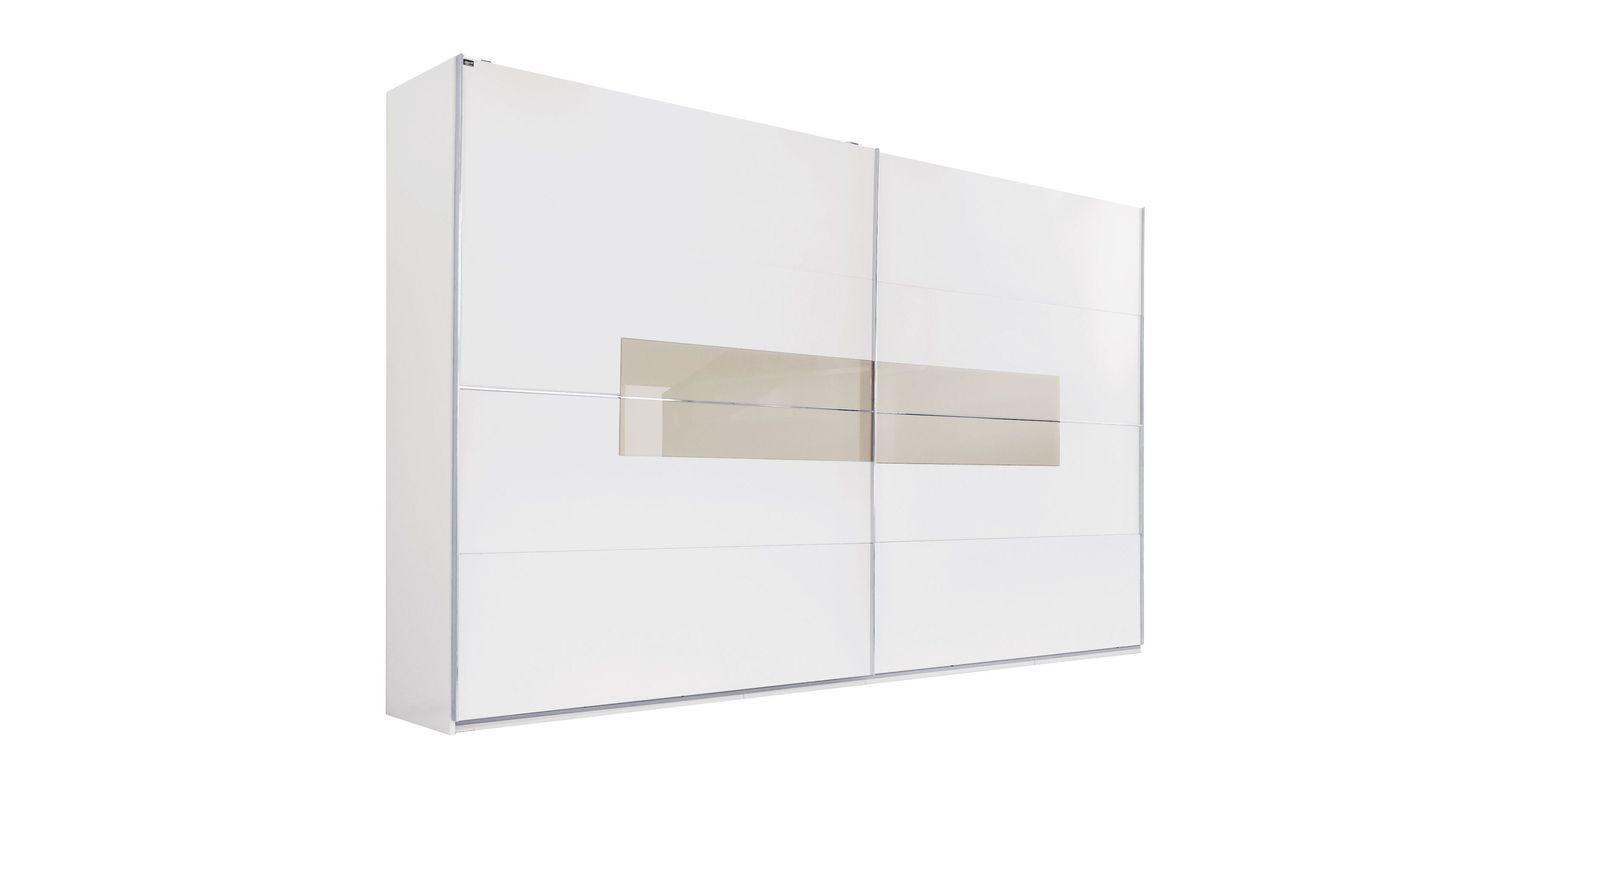 Schwebetüren-Kleiderschrank Filetto inklusive Einlegeboden und Kleiderstange